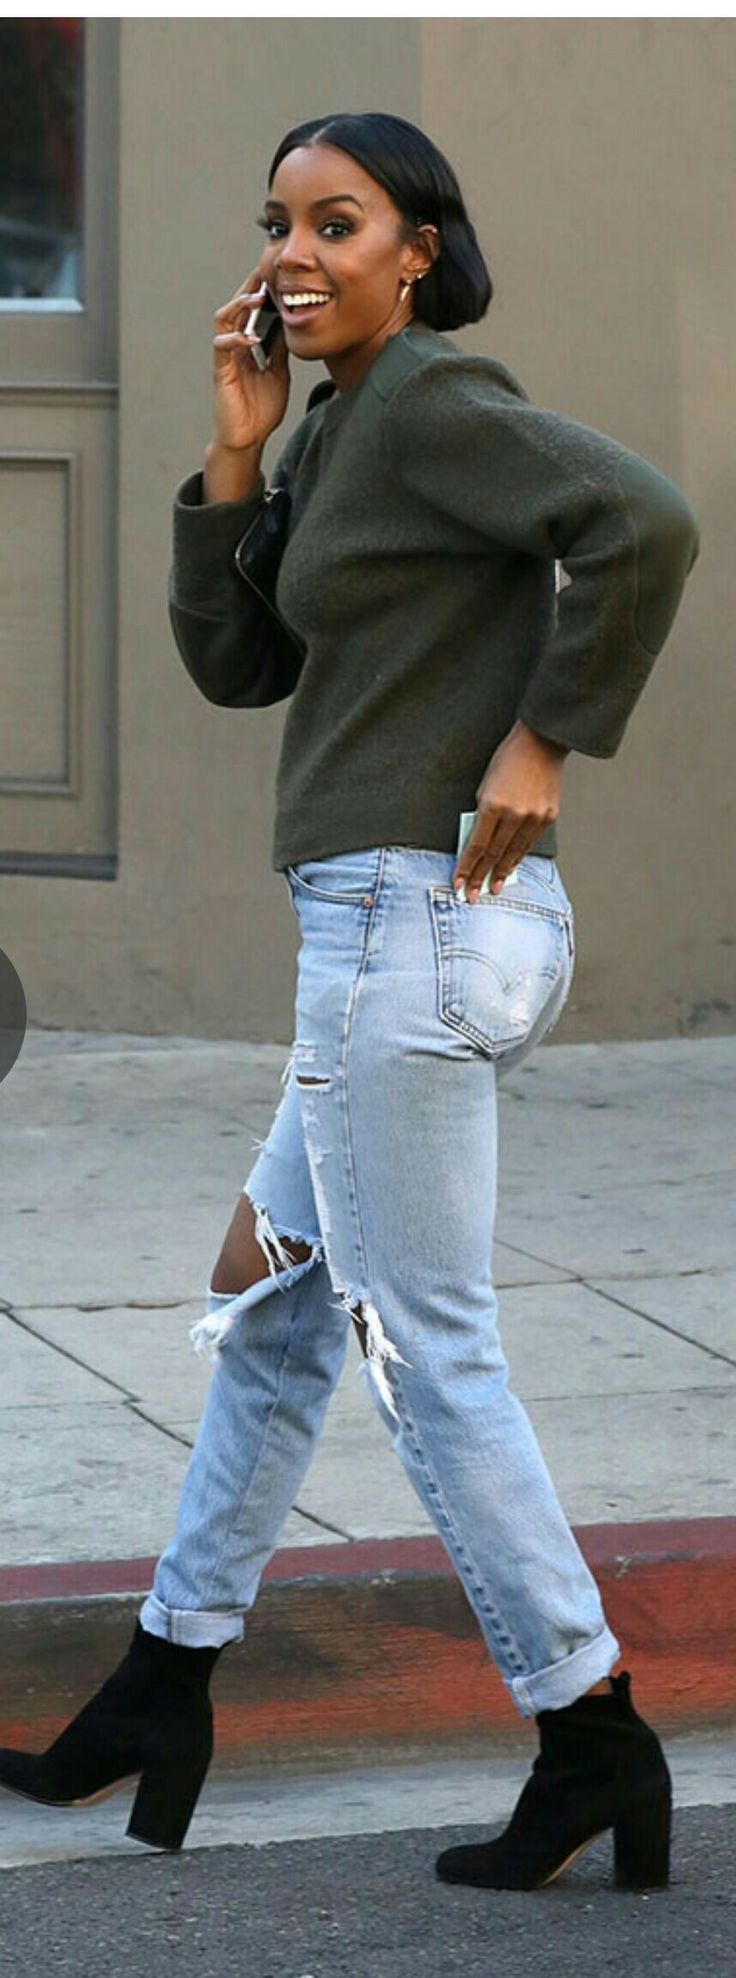 XOXO: Kelly Rowland